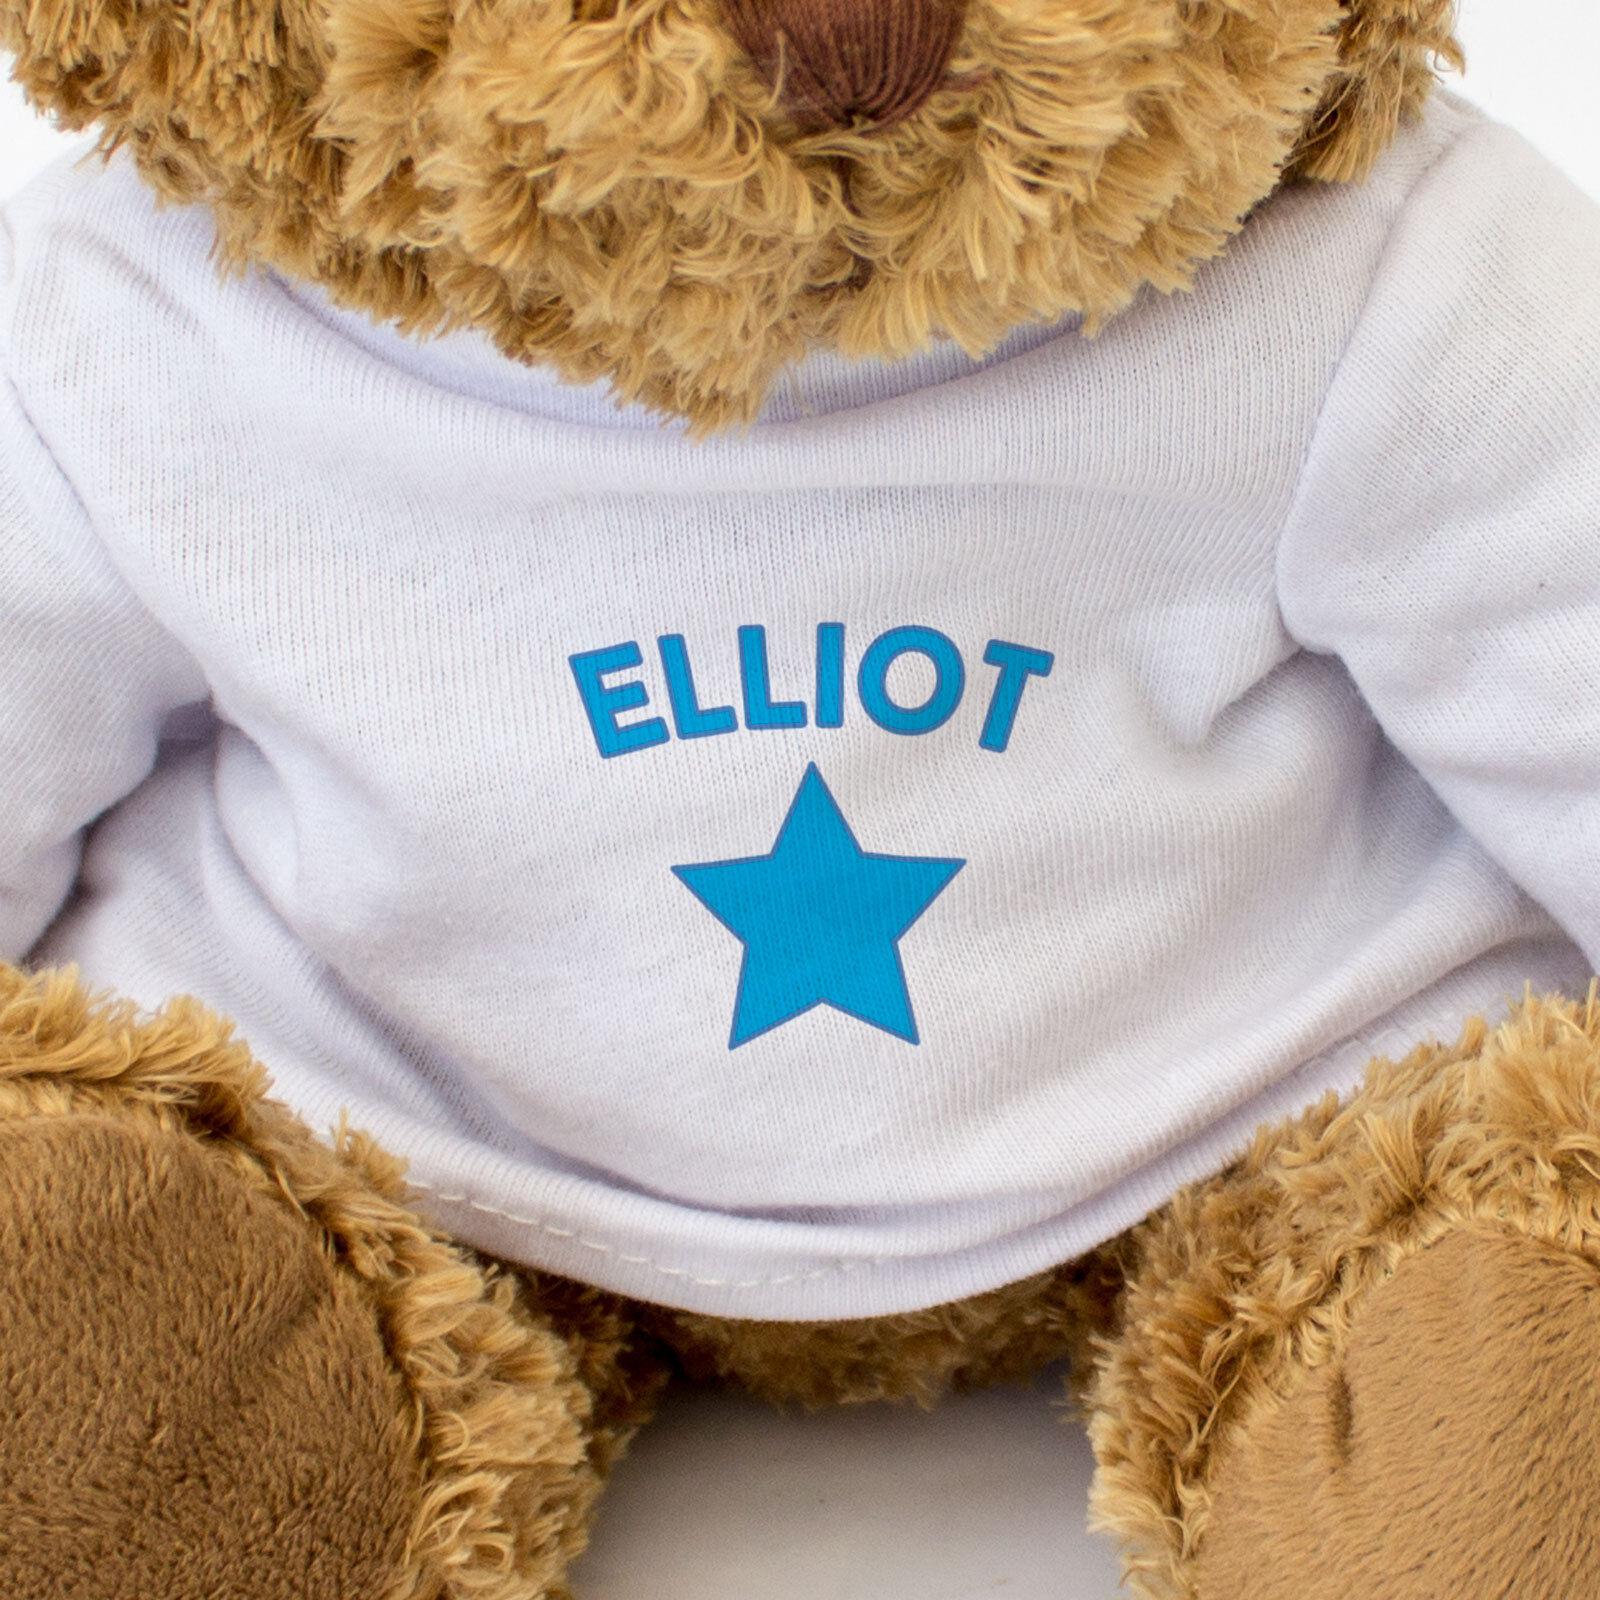 Nuevo - Elliot - Oso de Peluche - - - Lindo y Tierno - Regalo Presente 407bad